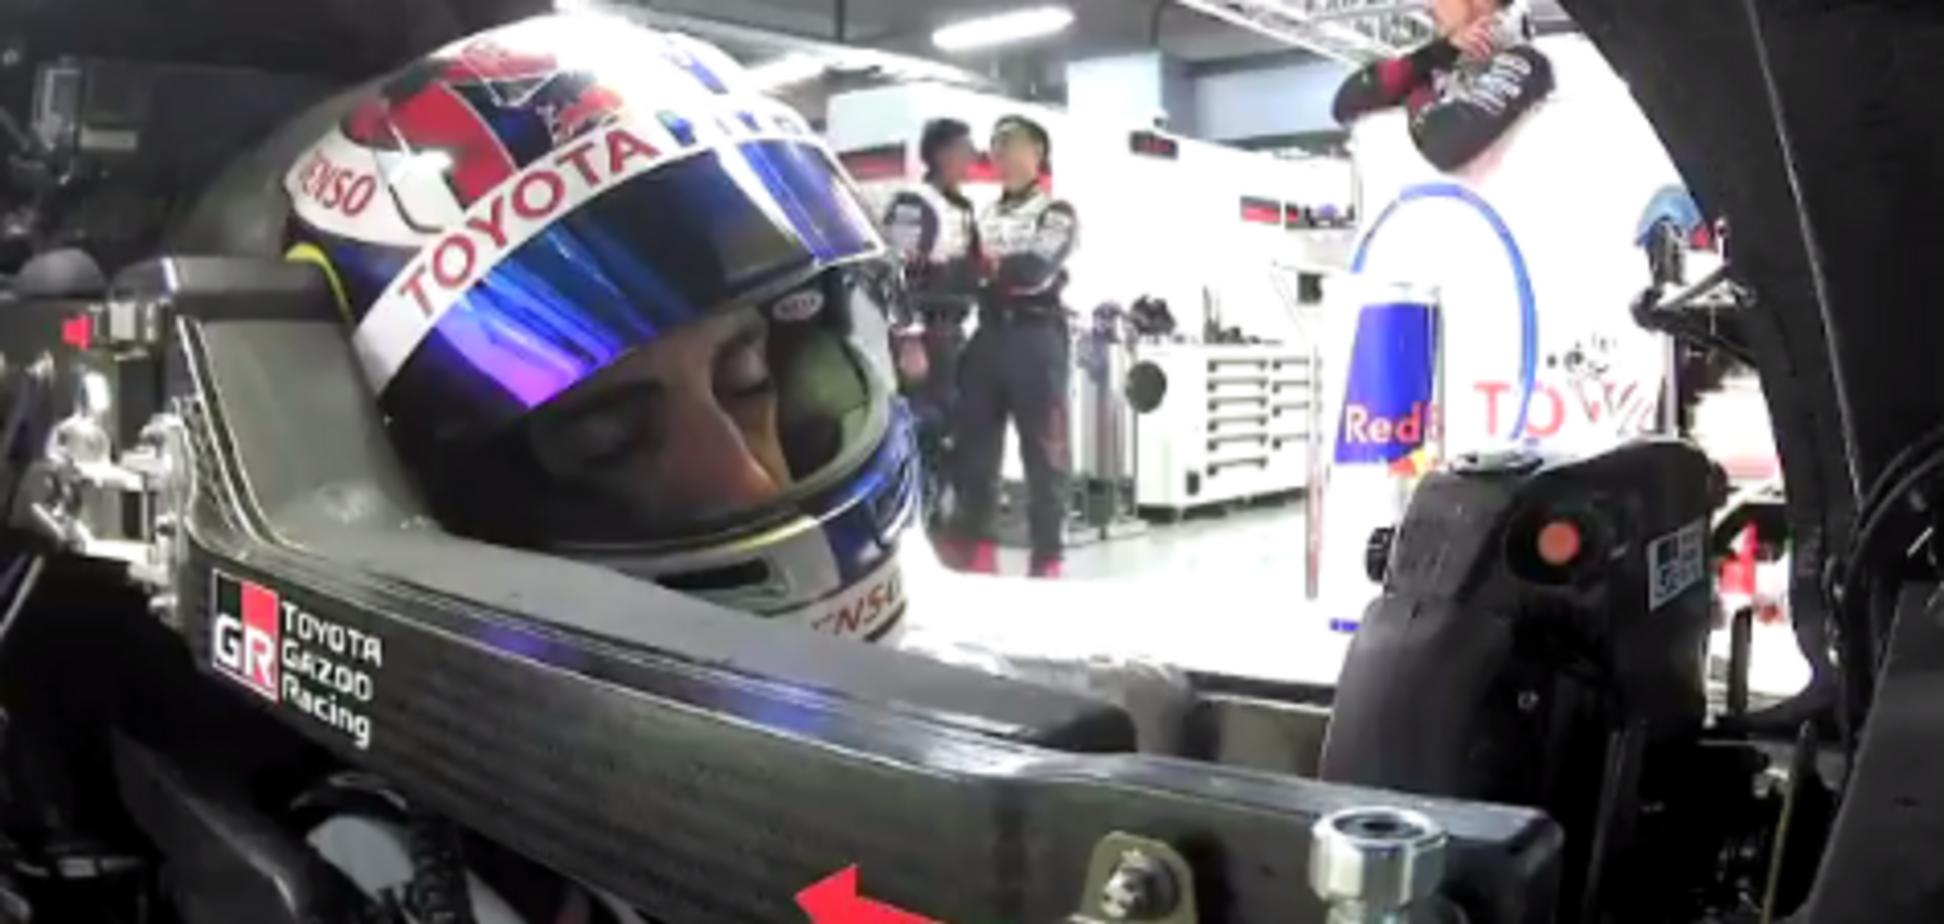 Знаменитый пилот Формулы-1 на гонке заснул за рулем болида, захрапев в эфире: опубликовано видео